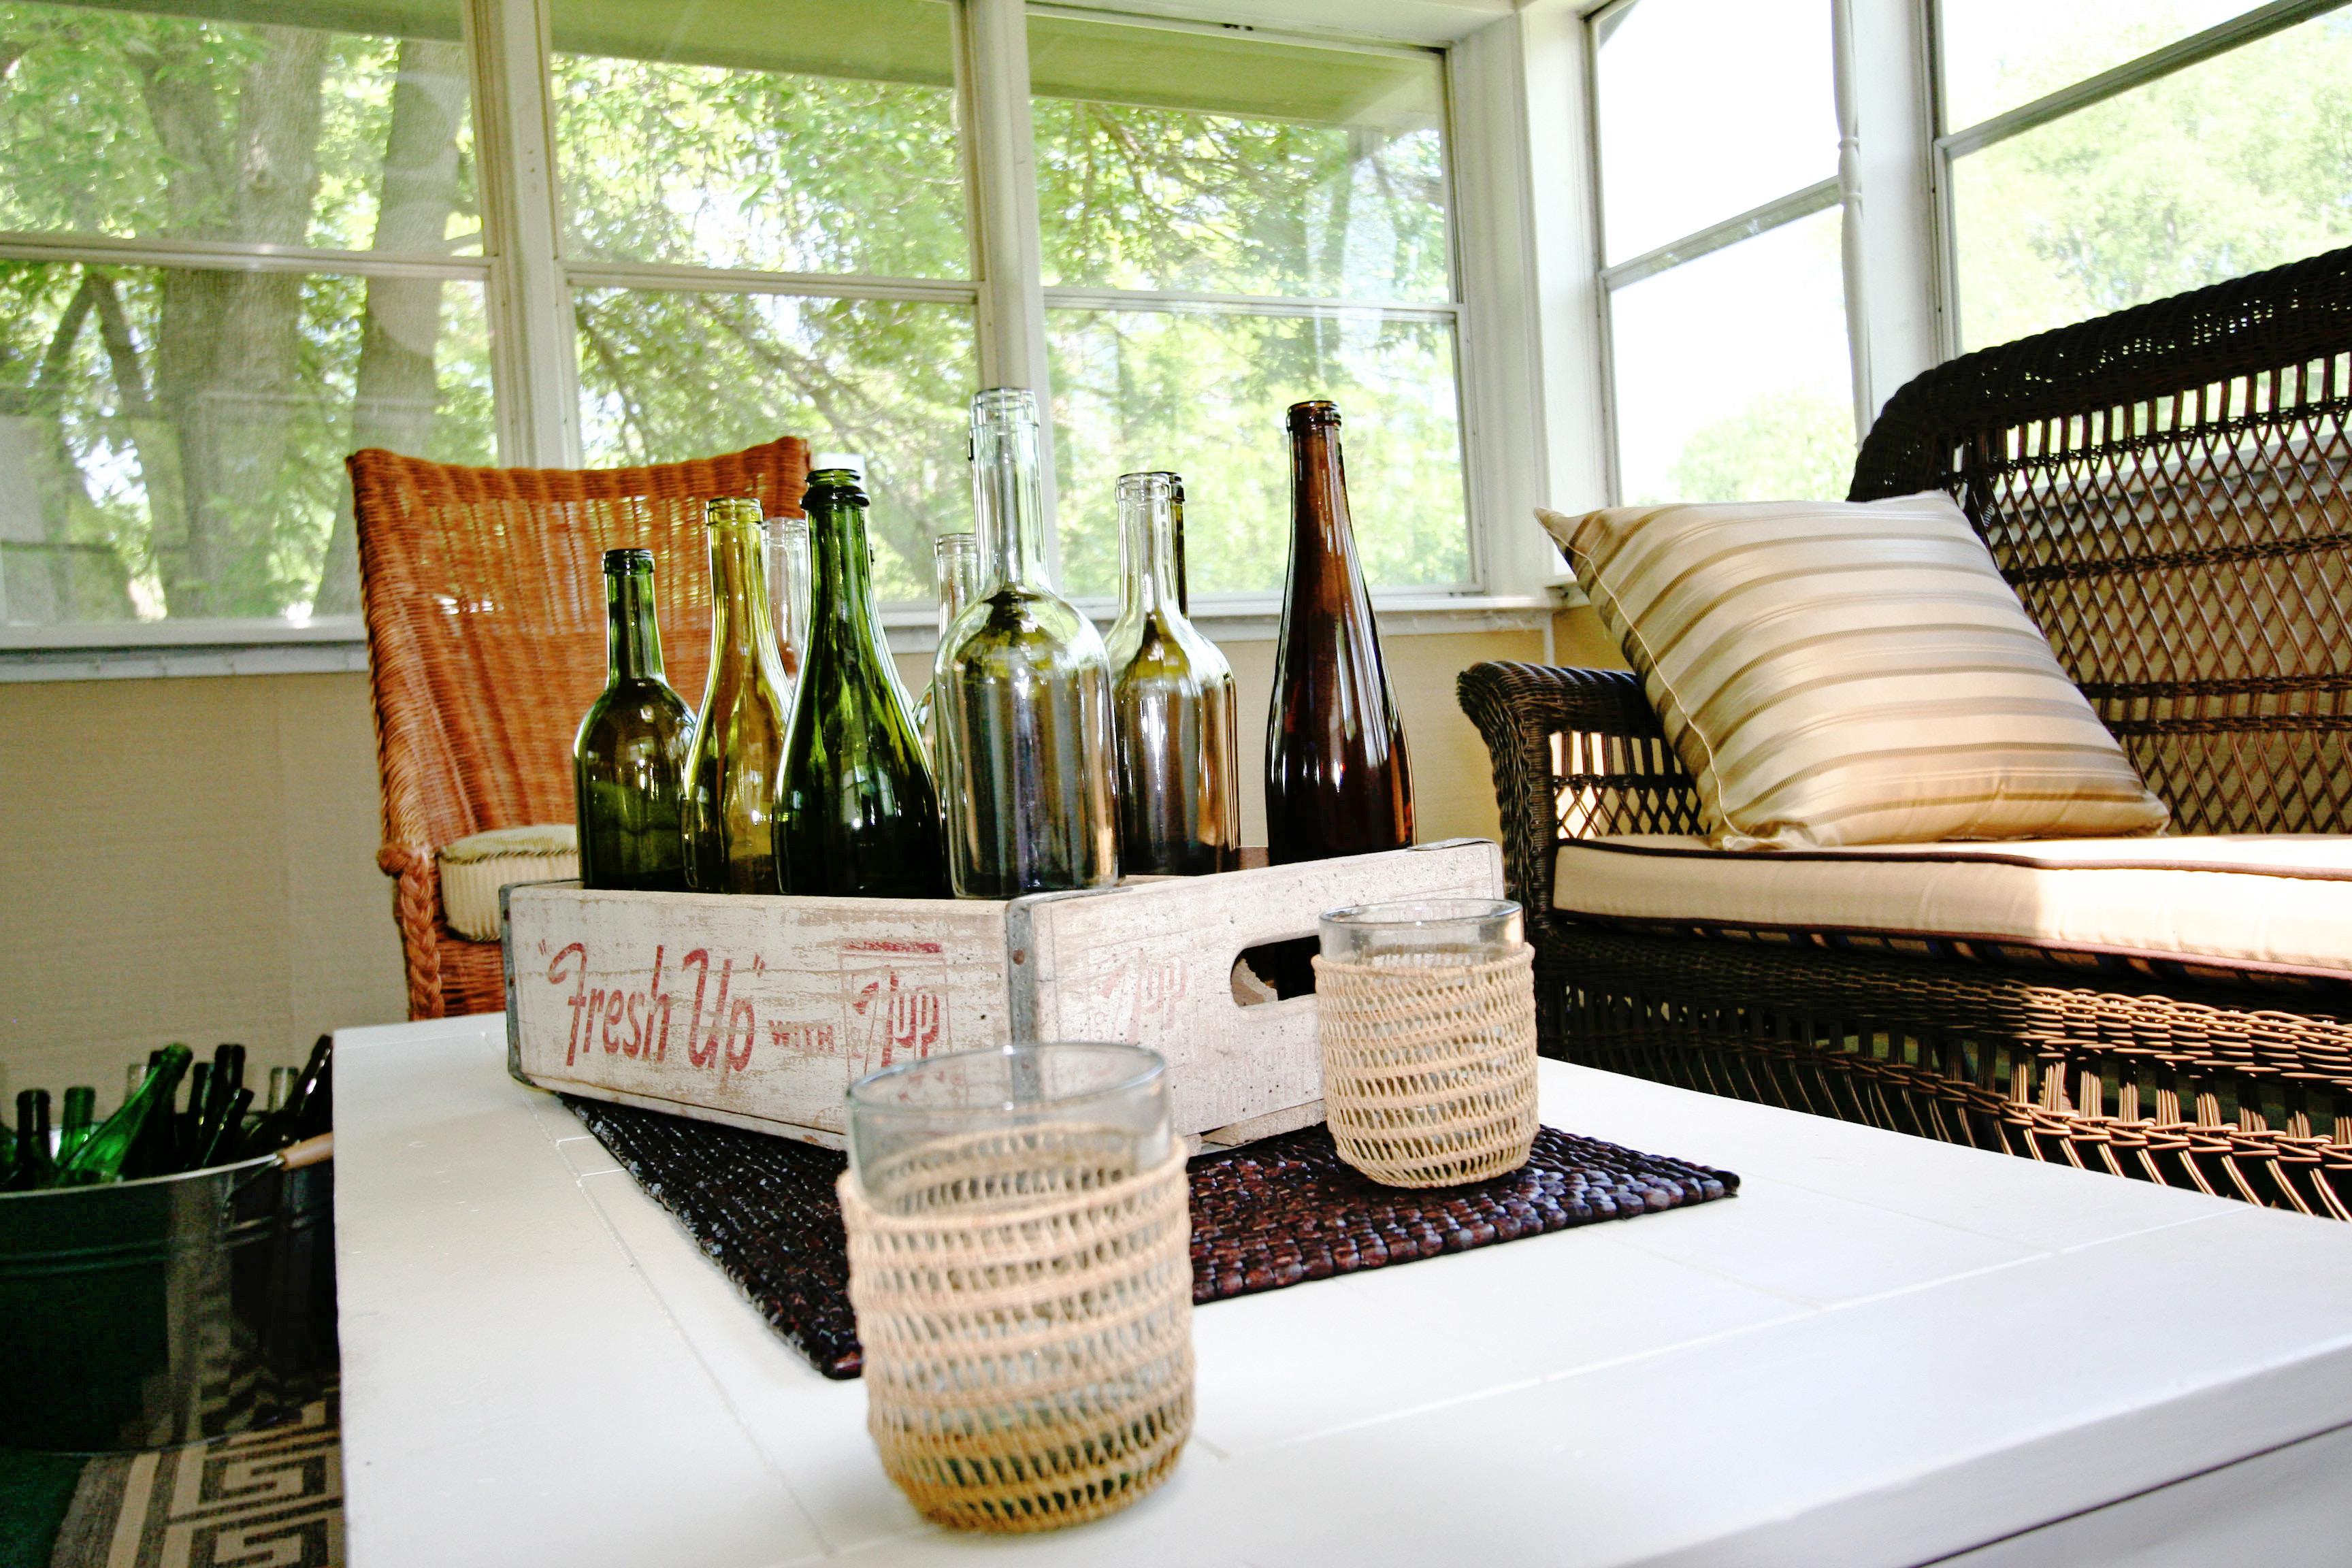 Sun room table centerpiece